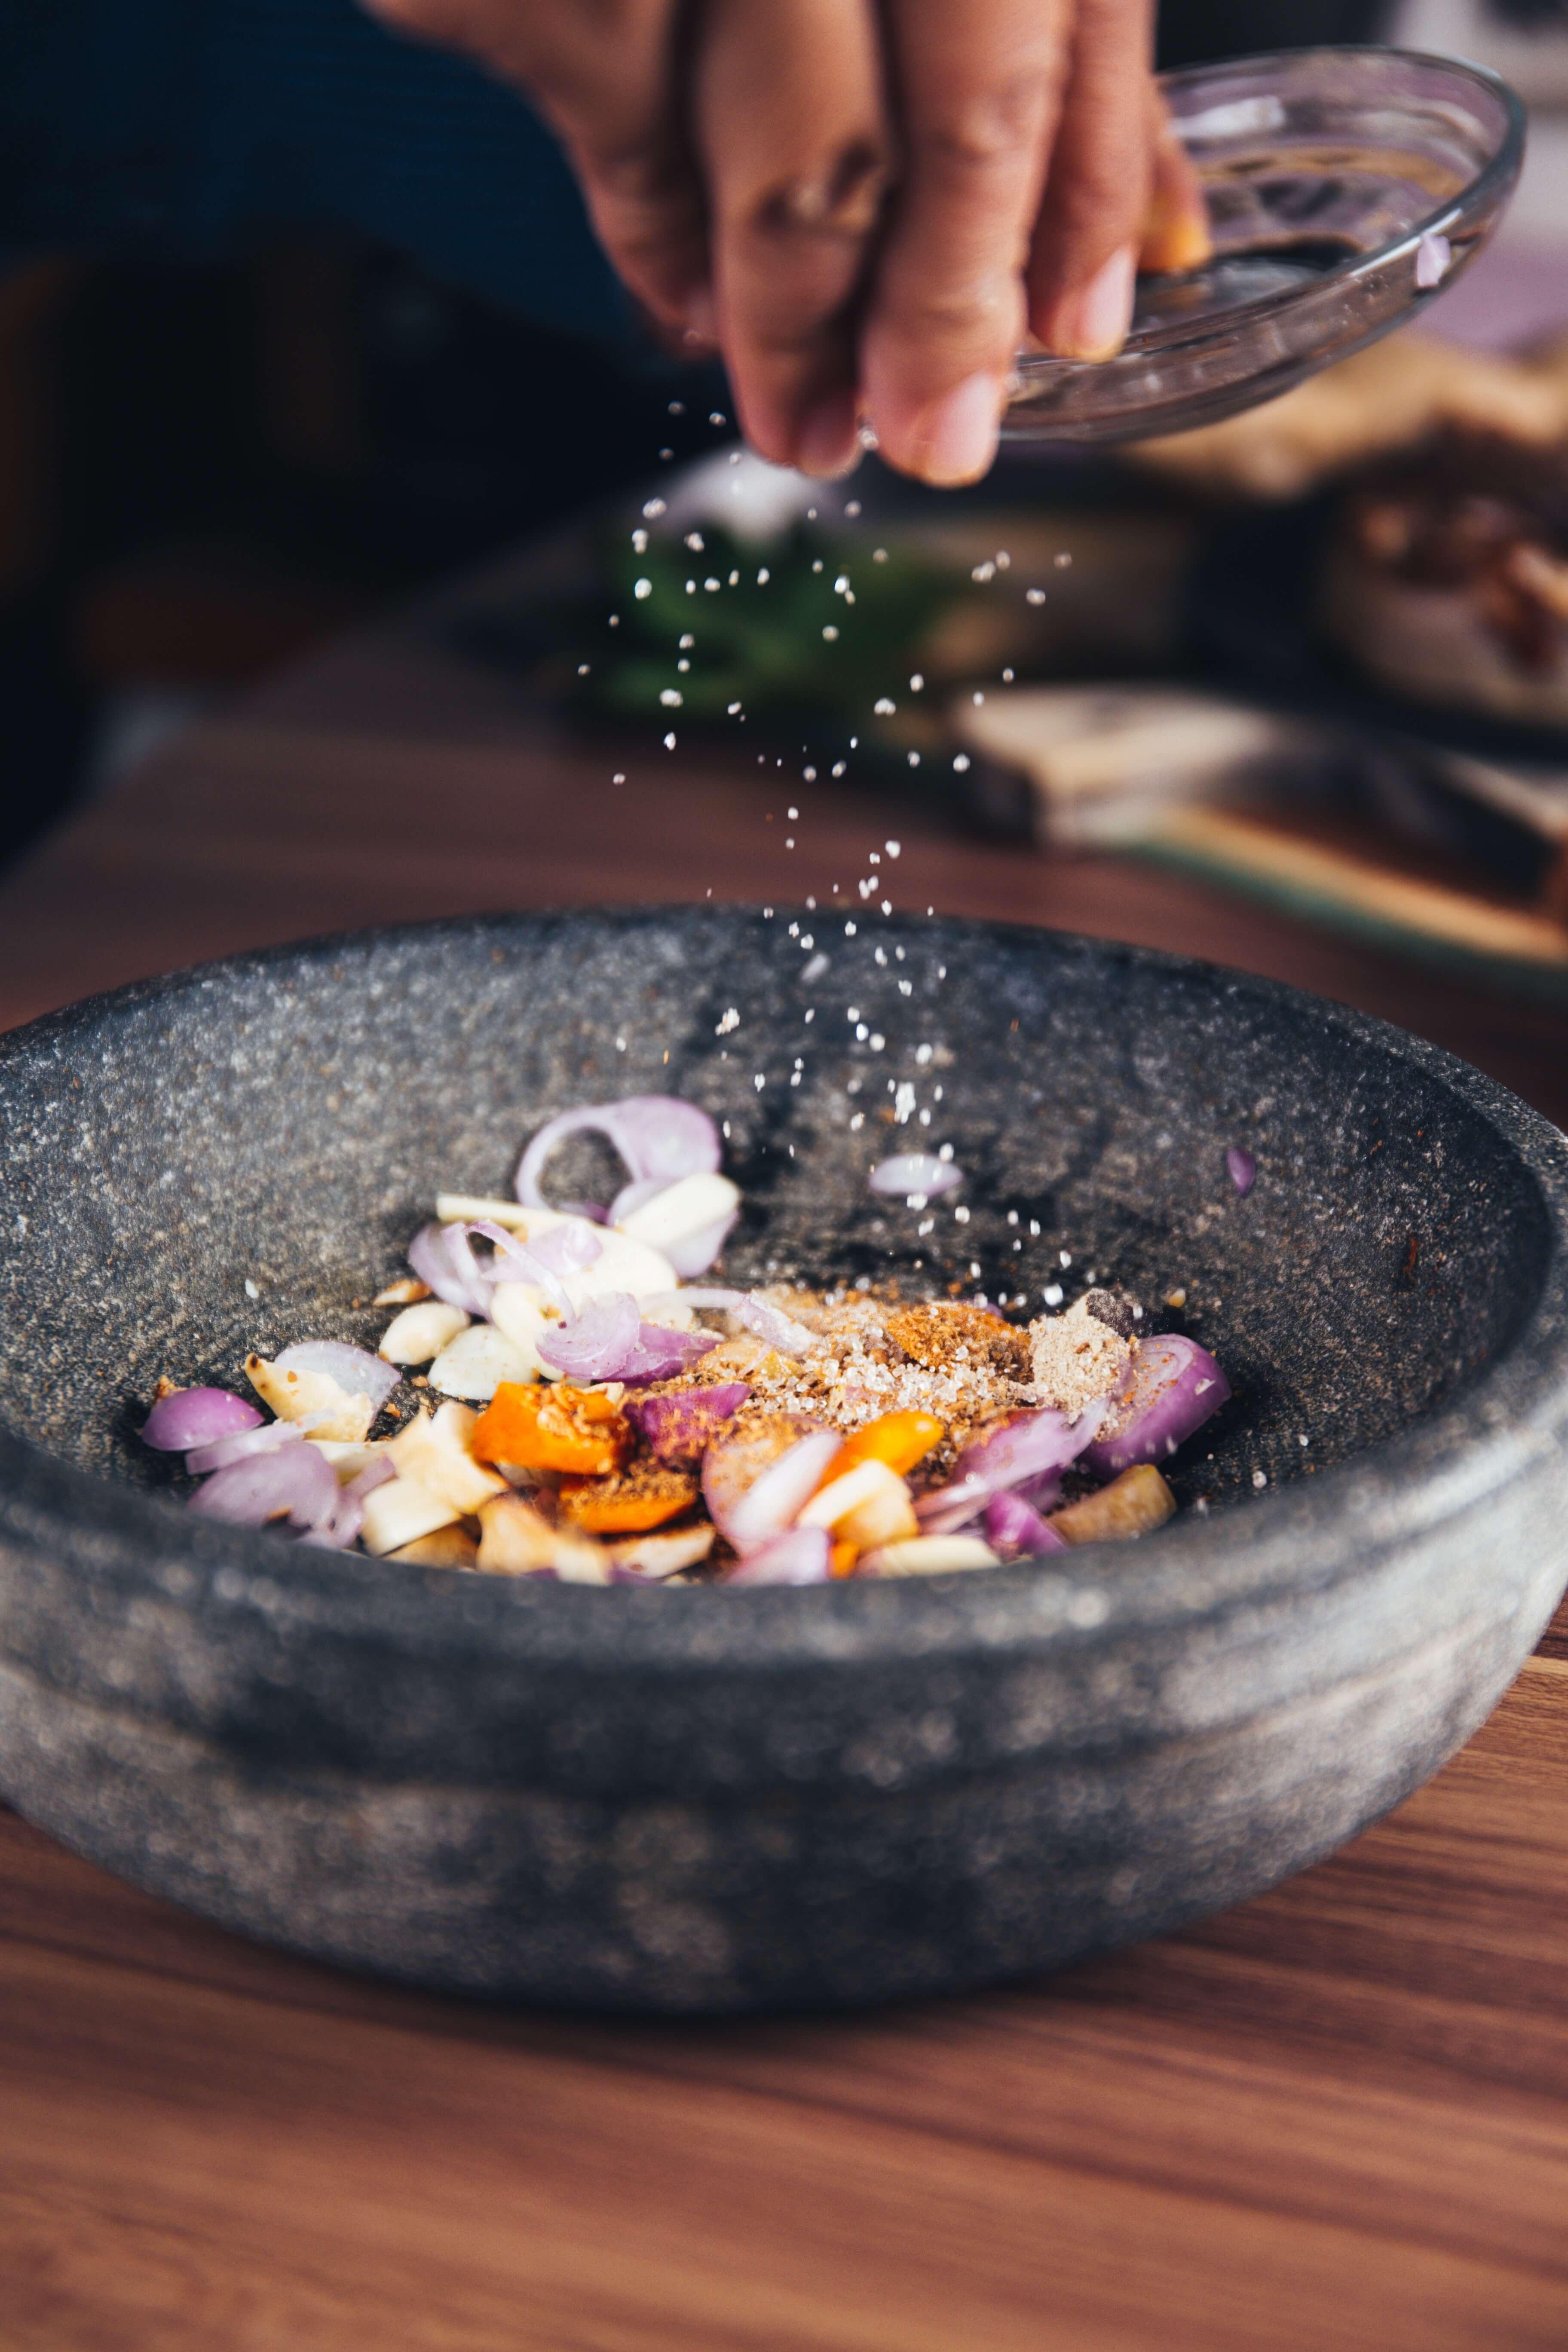 Food in dish being seasoned